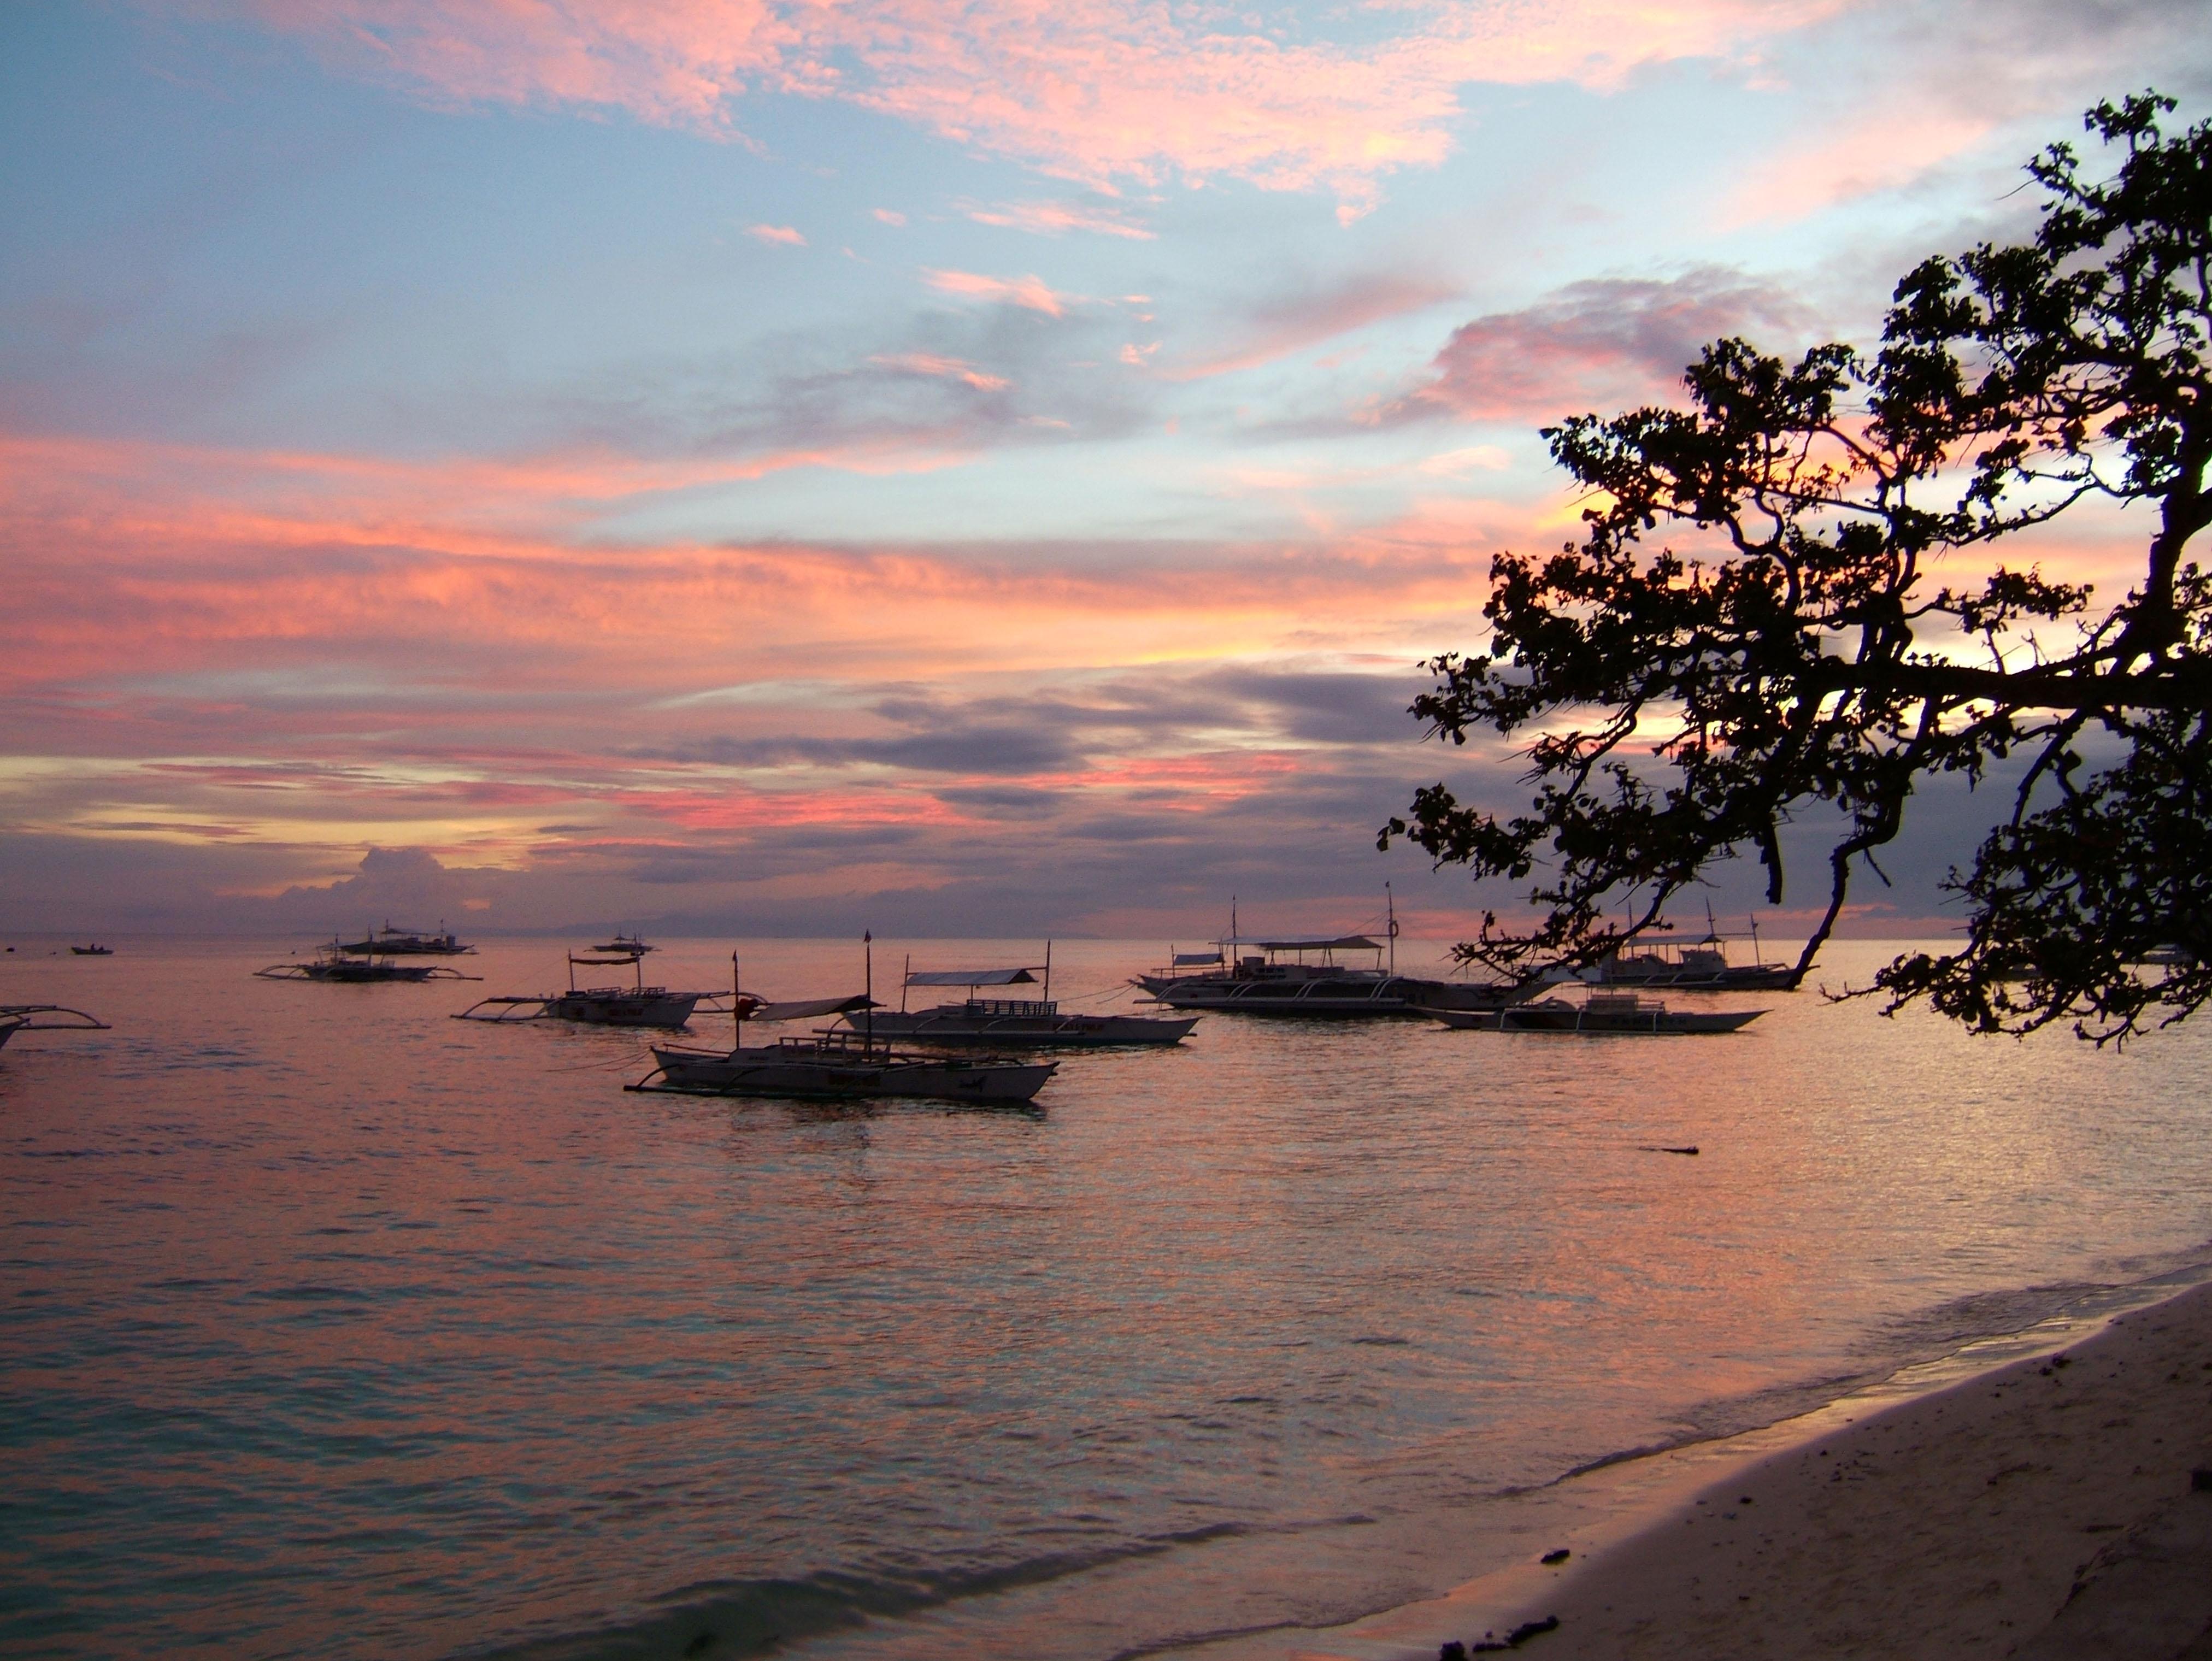 Sunset Philippines Cebu Bahoal 08